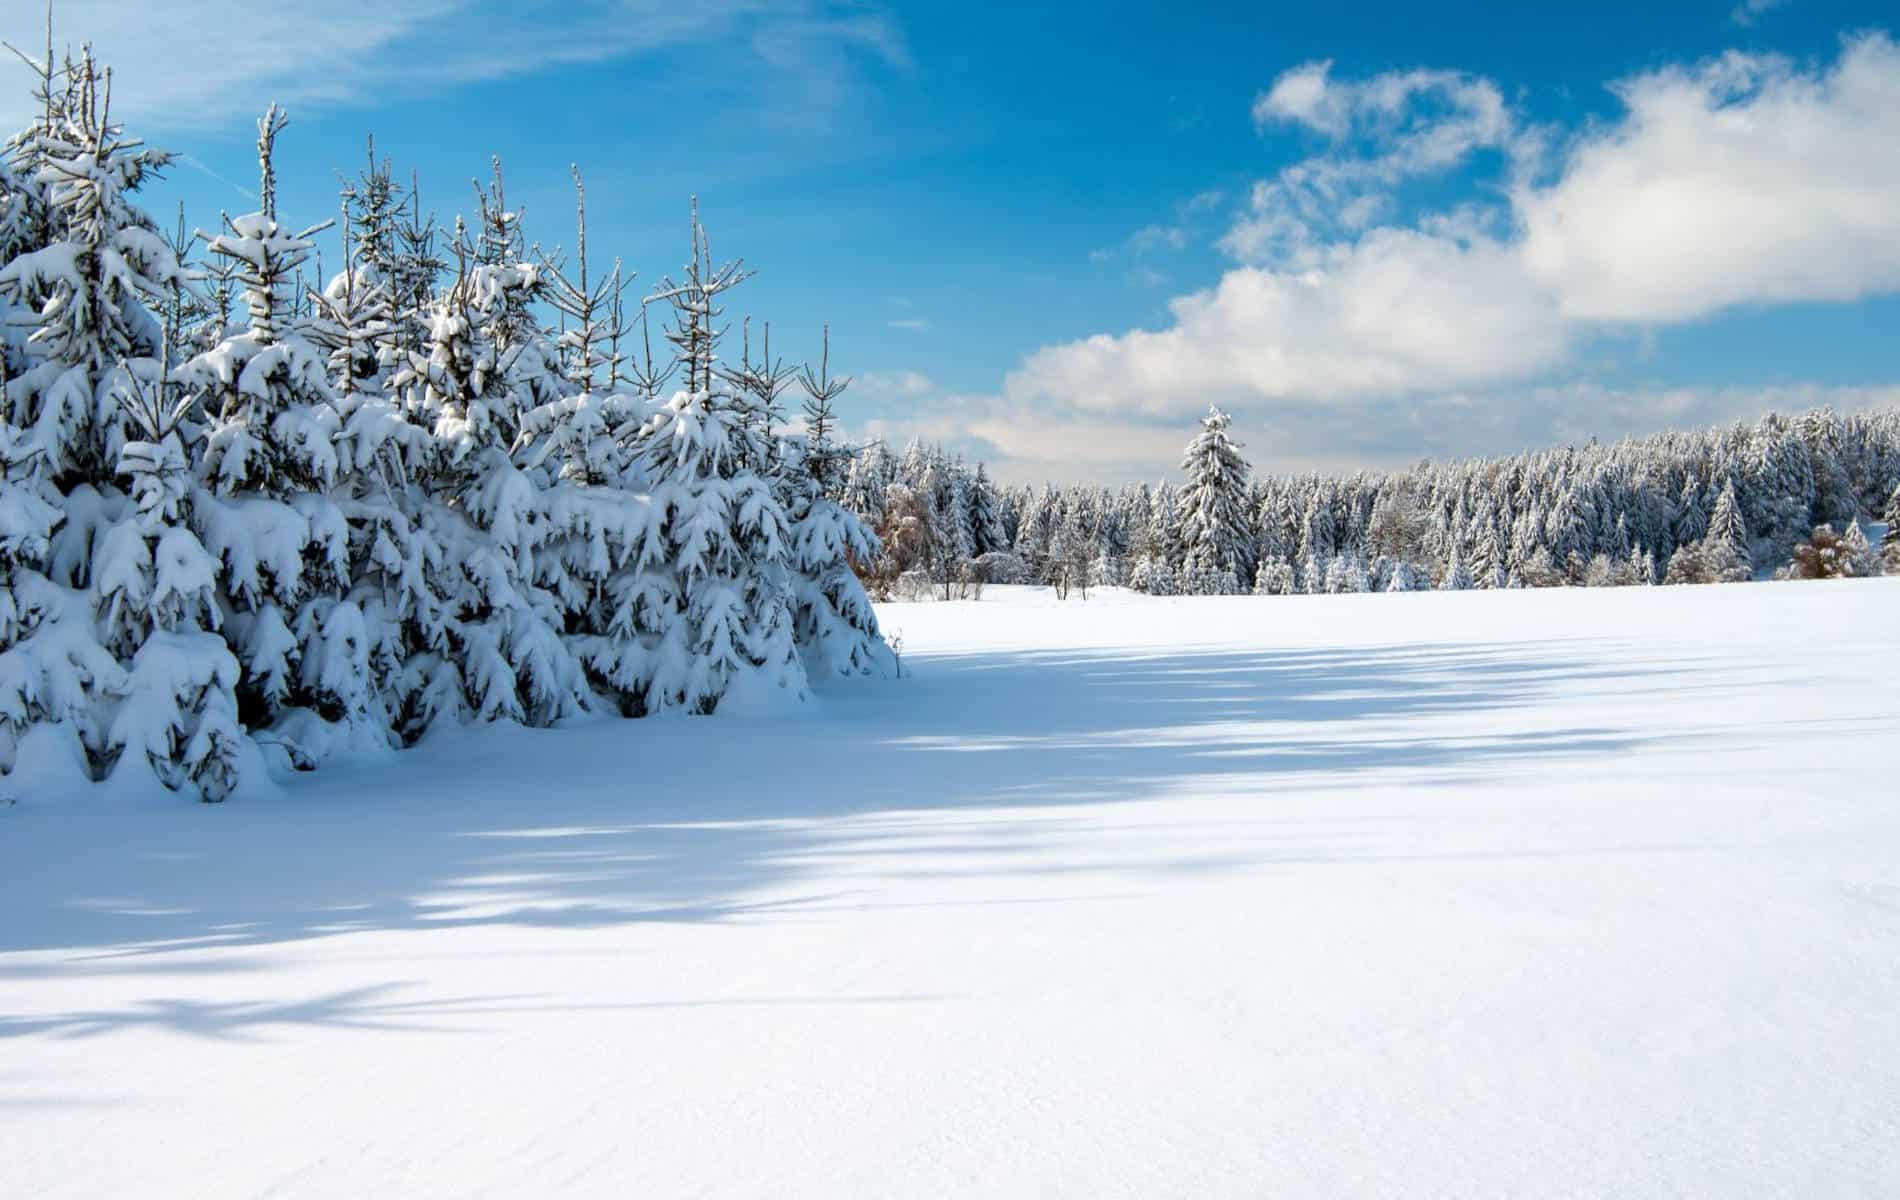 Schneelandschaft - Erholsamer Kältespaziergang für einen klaren Kopf - Biohacking Bad Dürrheim